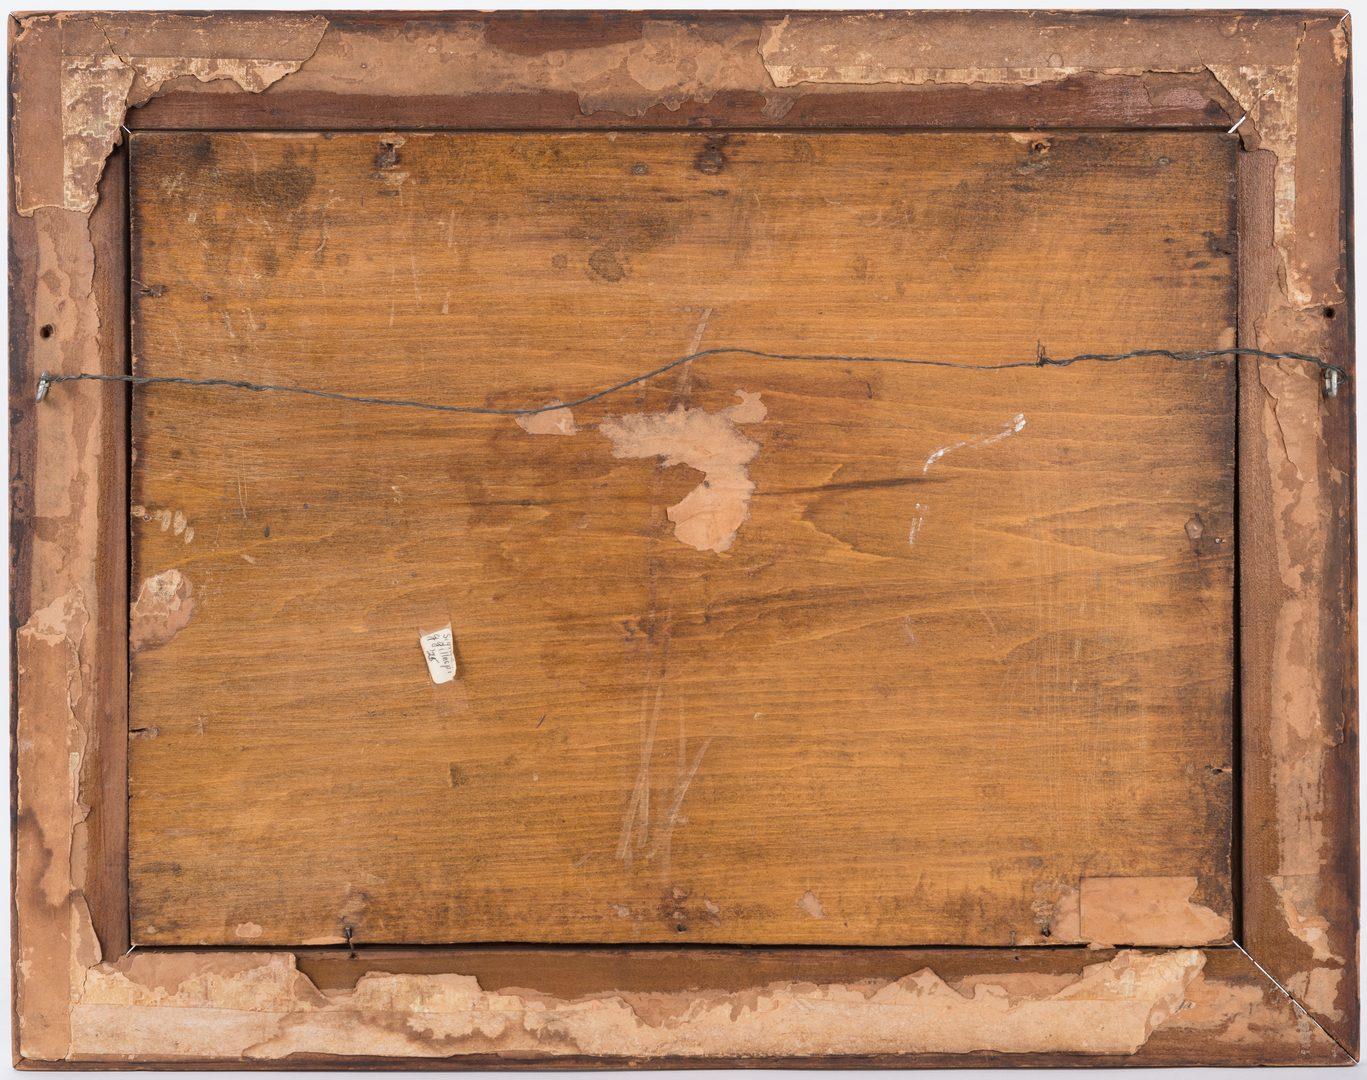 Lot 605: 2 Paintings, inc. G. Gillespie Landscape